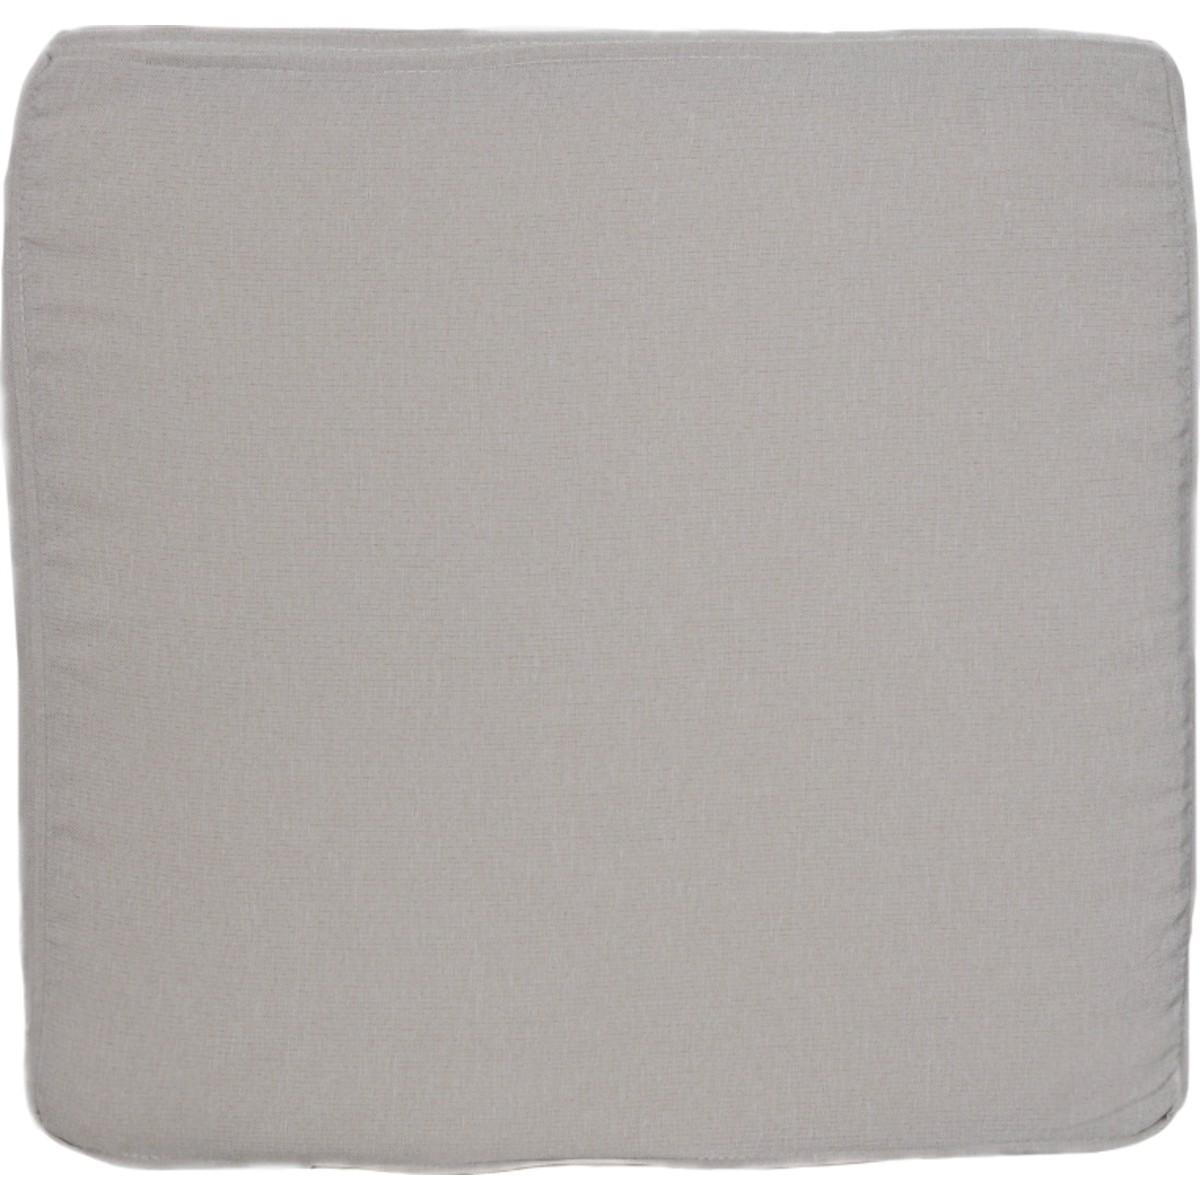 Подушка для садовой мебели Keter цвет песочный